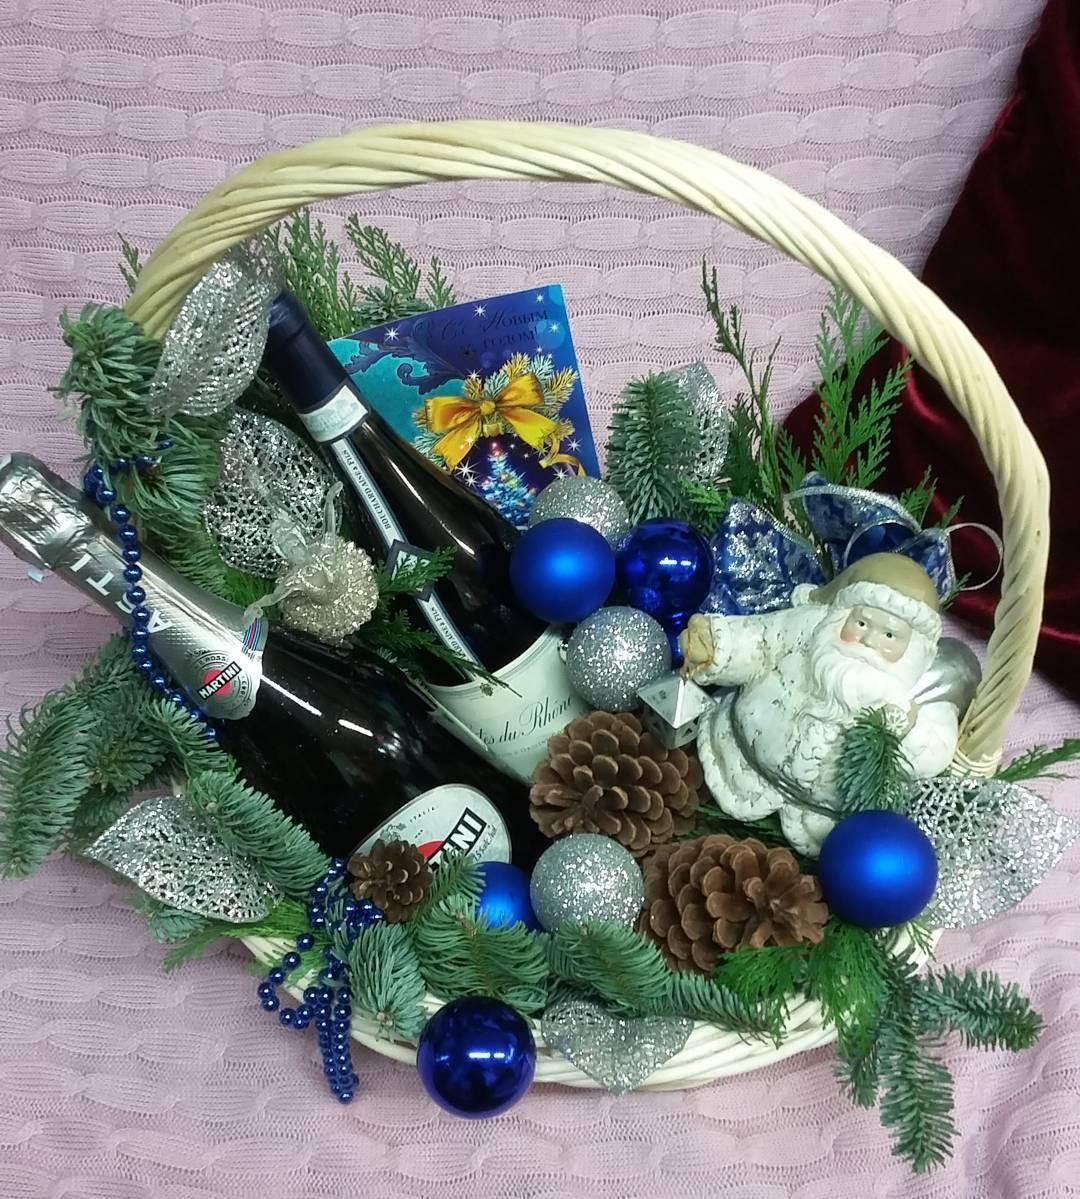 Всем доброго утра! Не знаете как оформить подарок, и в этом вам мы поможем???? Ул. Ветошникова д.131. ☎(347)266-59-77 ????+7 927 236 59 77. Сайт www.bloomboom.ru#flowers#доставкацветовуфа#цветыуфа#цветы#уфа